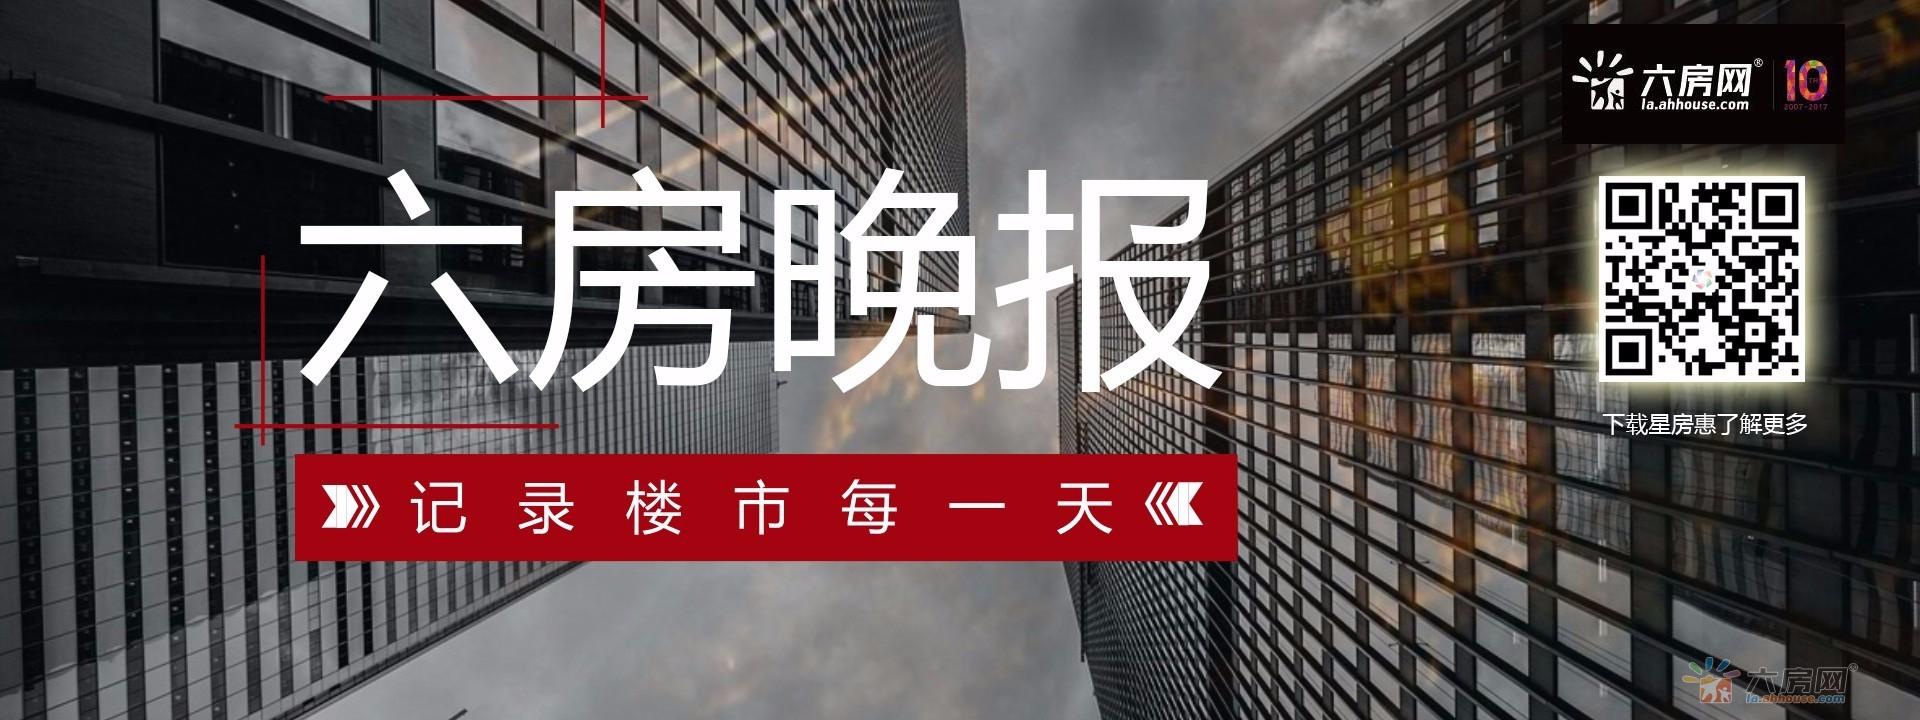 2月24日六房网晚报:春节收到微信红包数量多达3429个